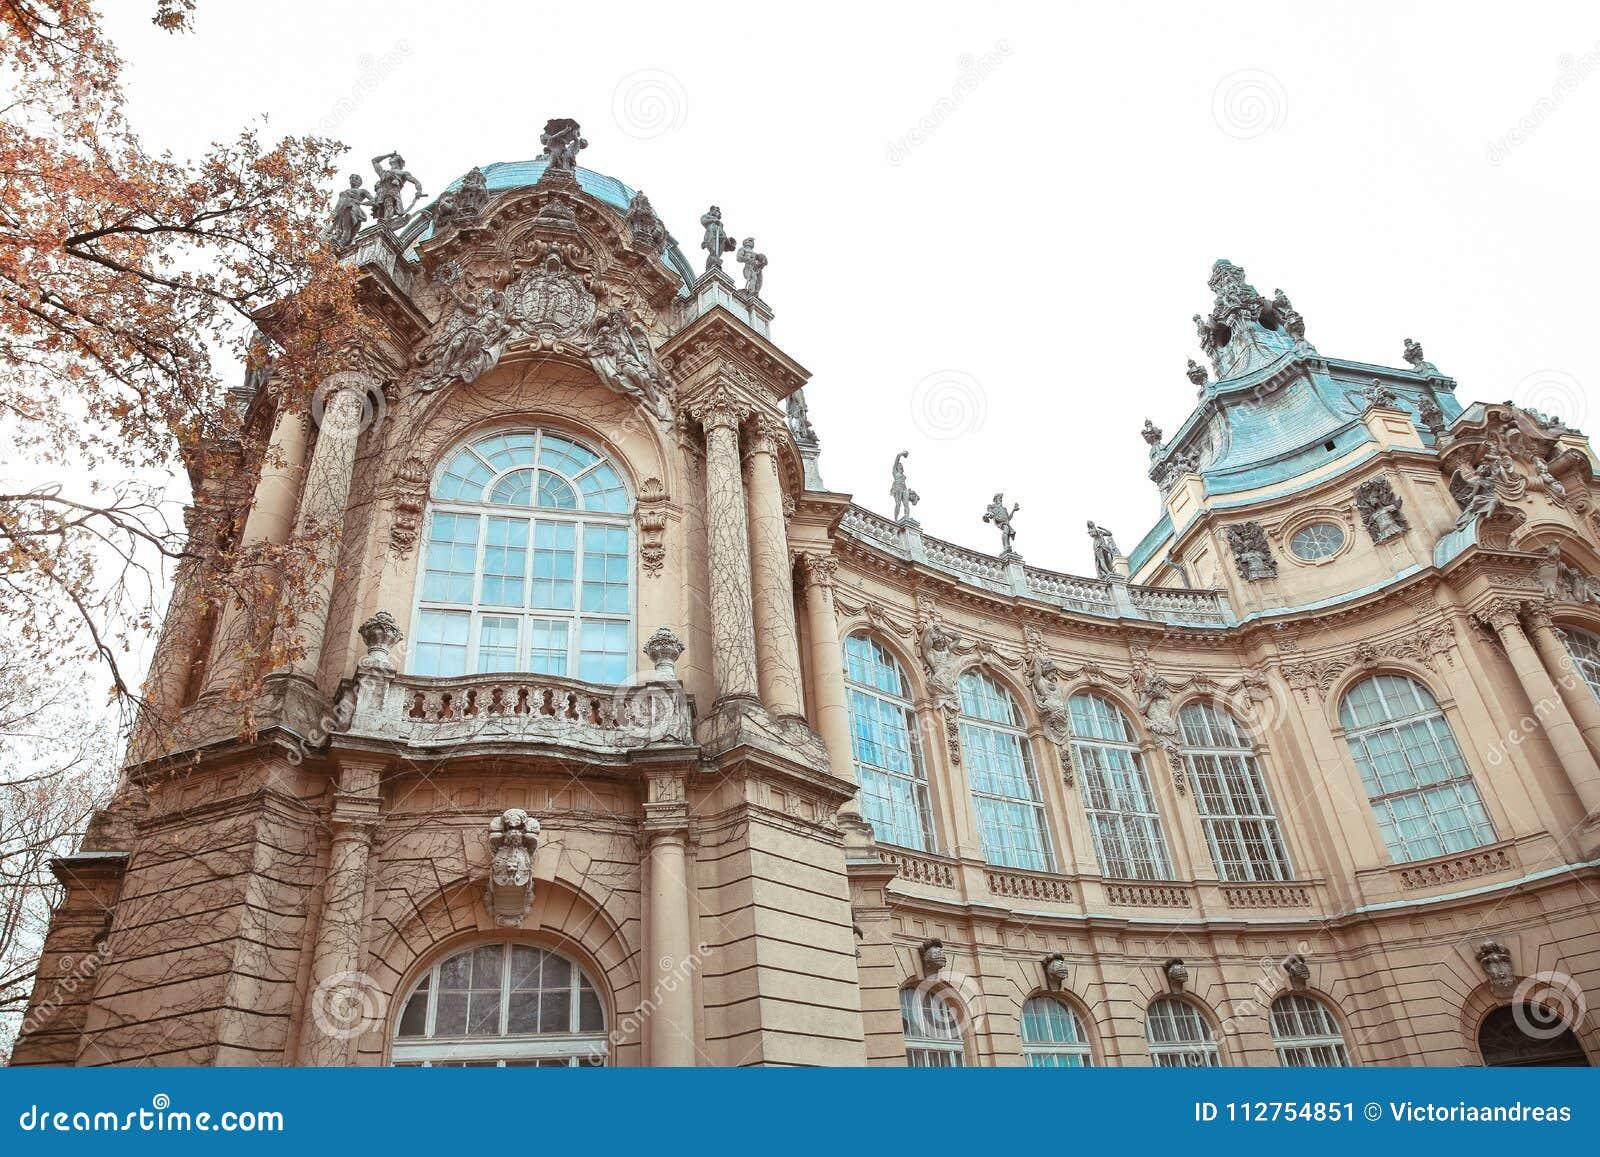 Edificio de la fachada del castillo de Vajdahunyad Budapest, Hungría